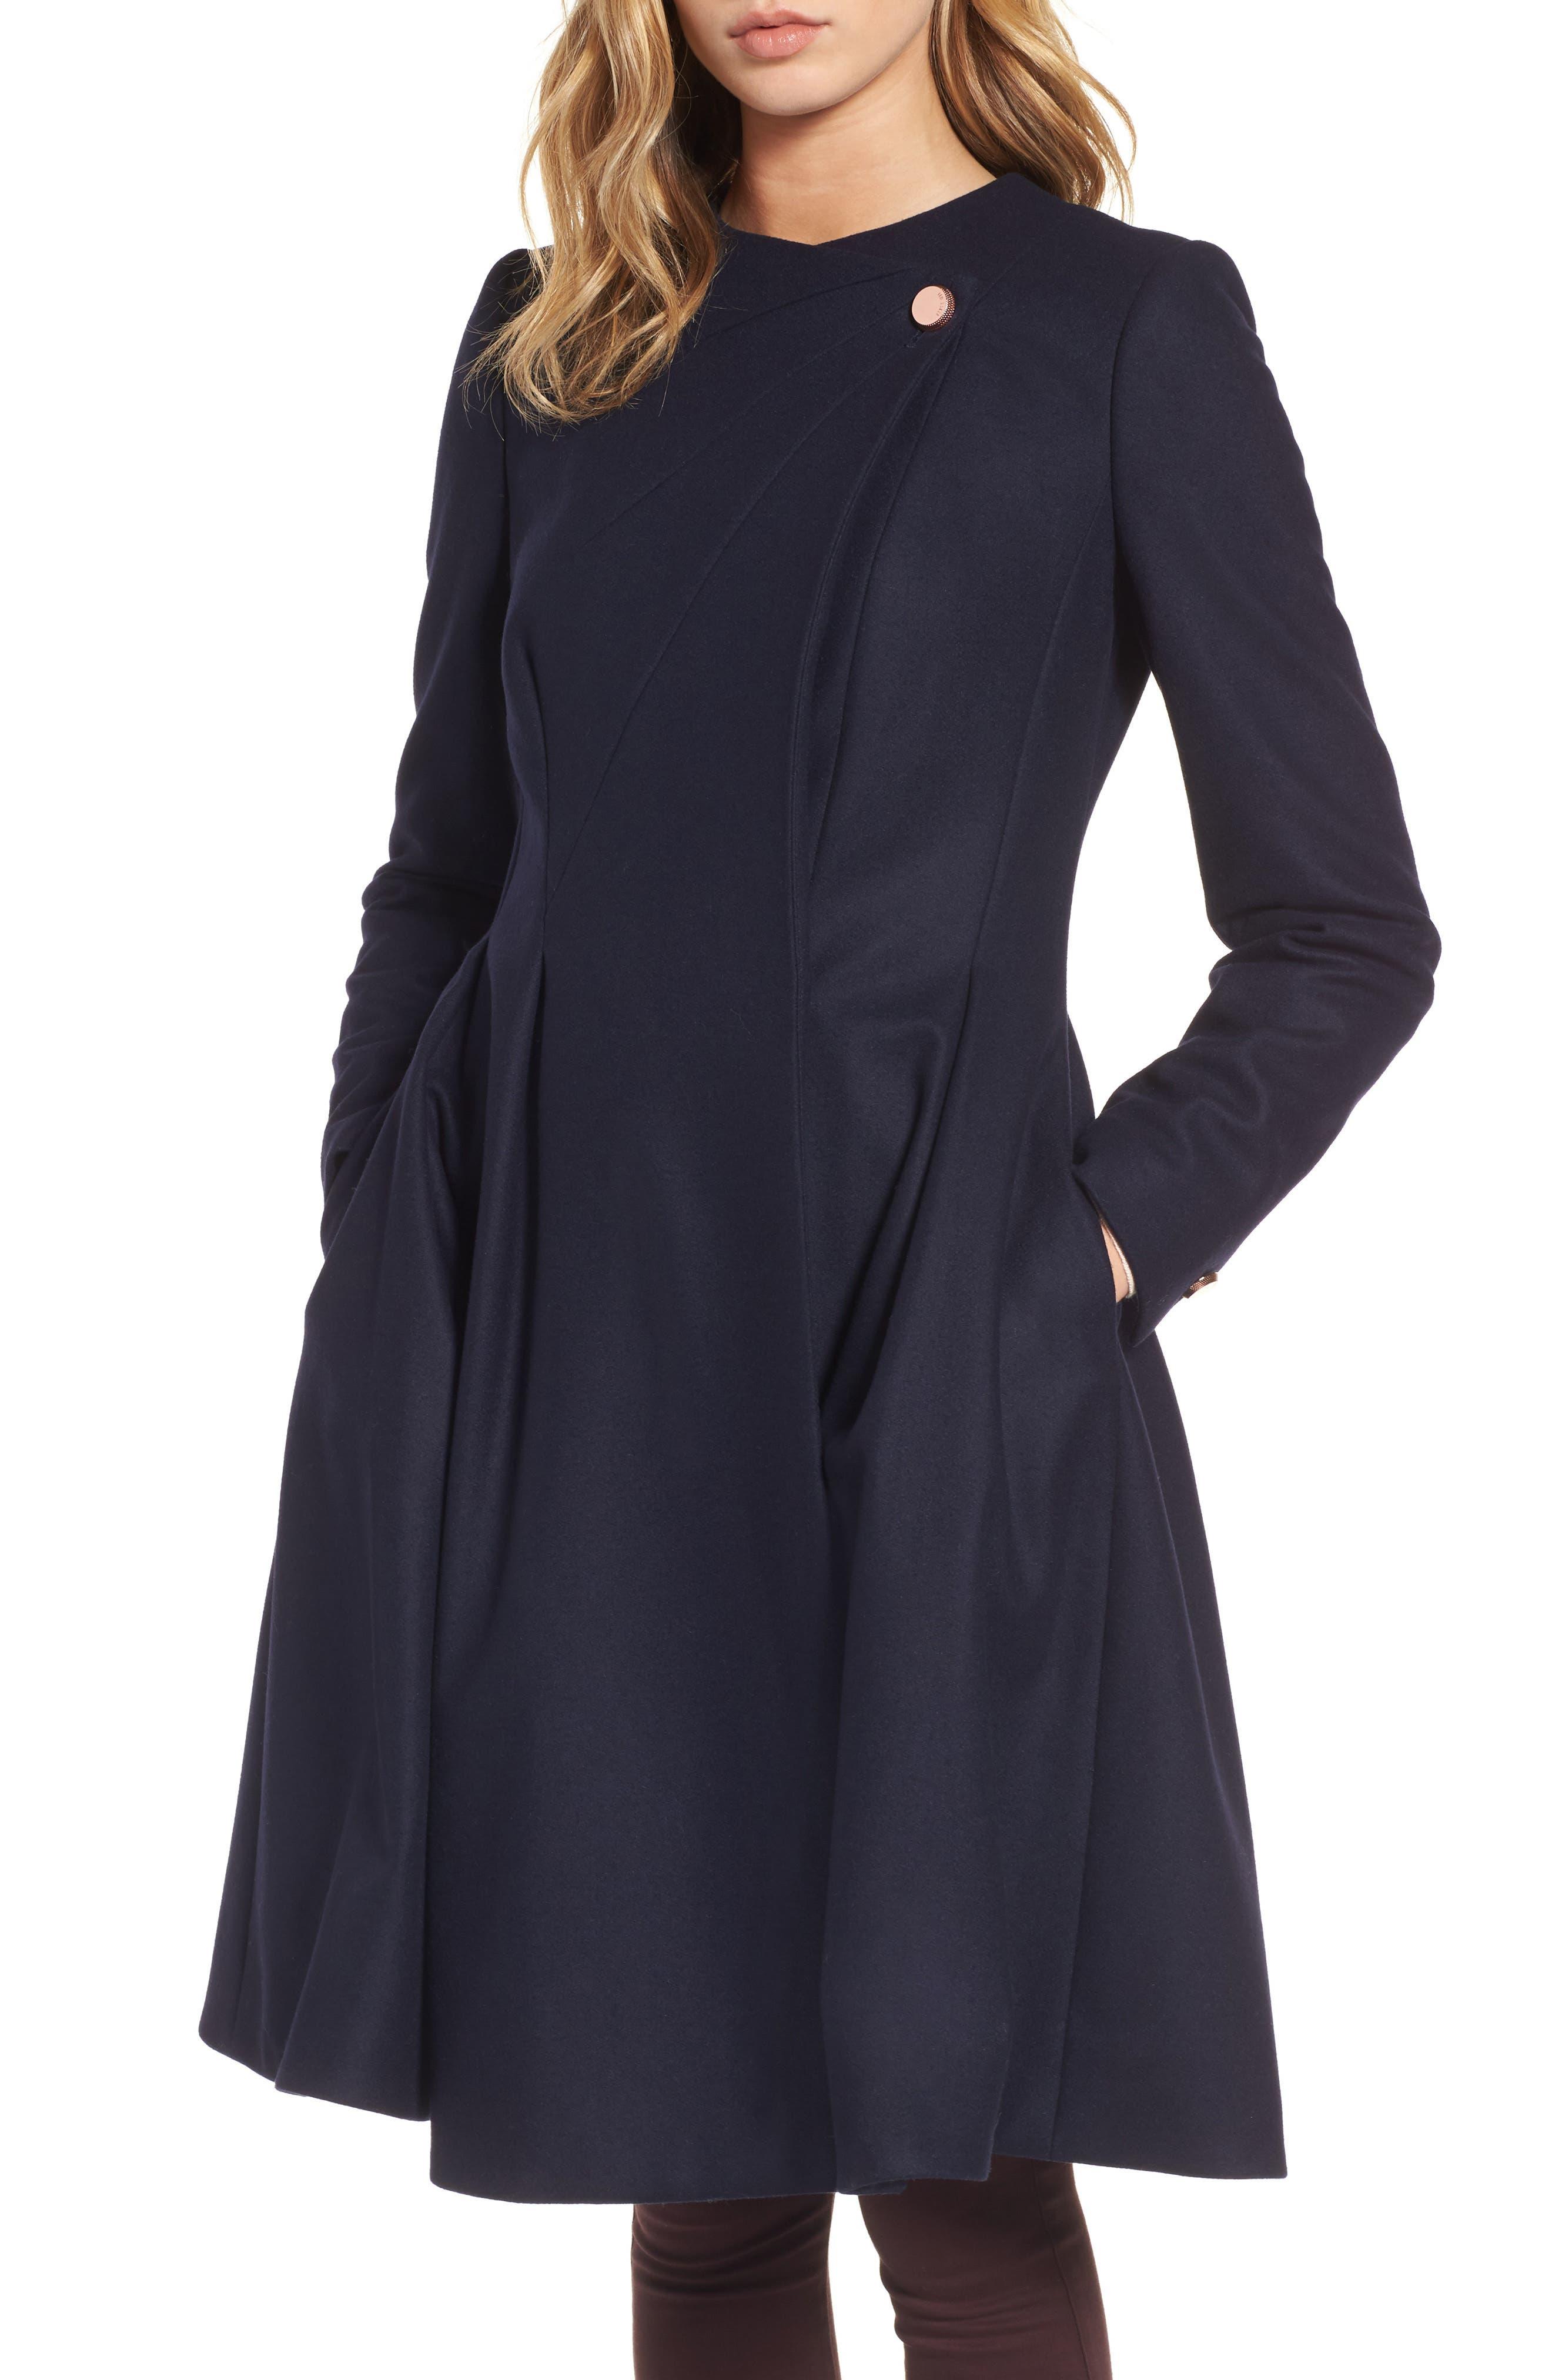 Ted Baker London Wool Blend Asymmetrical Skirted Coat